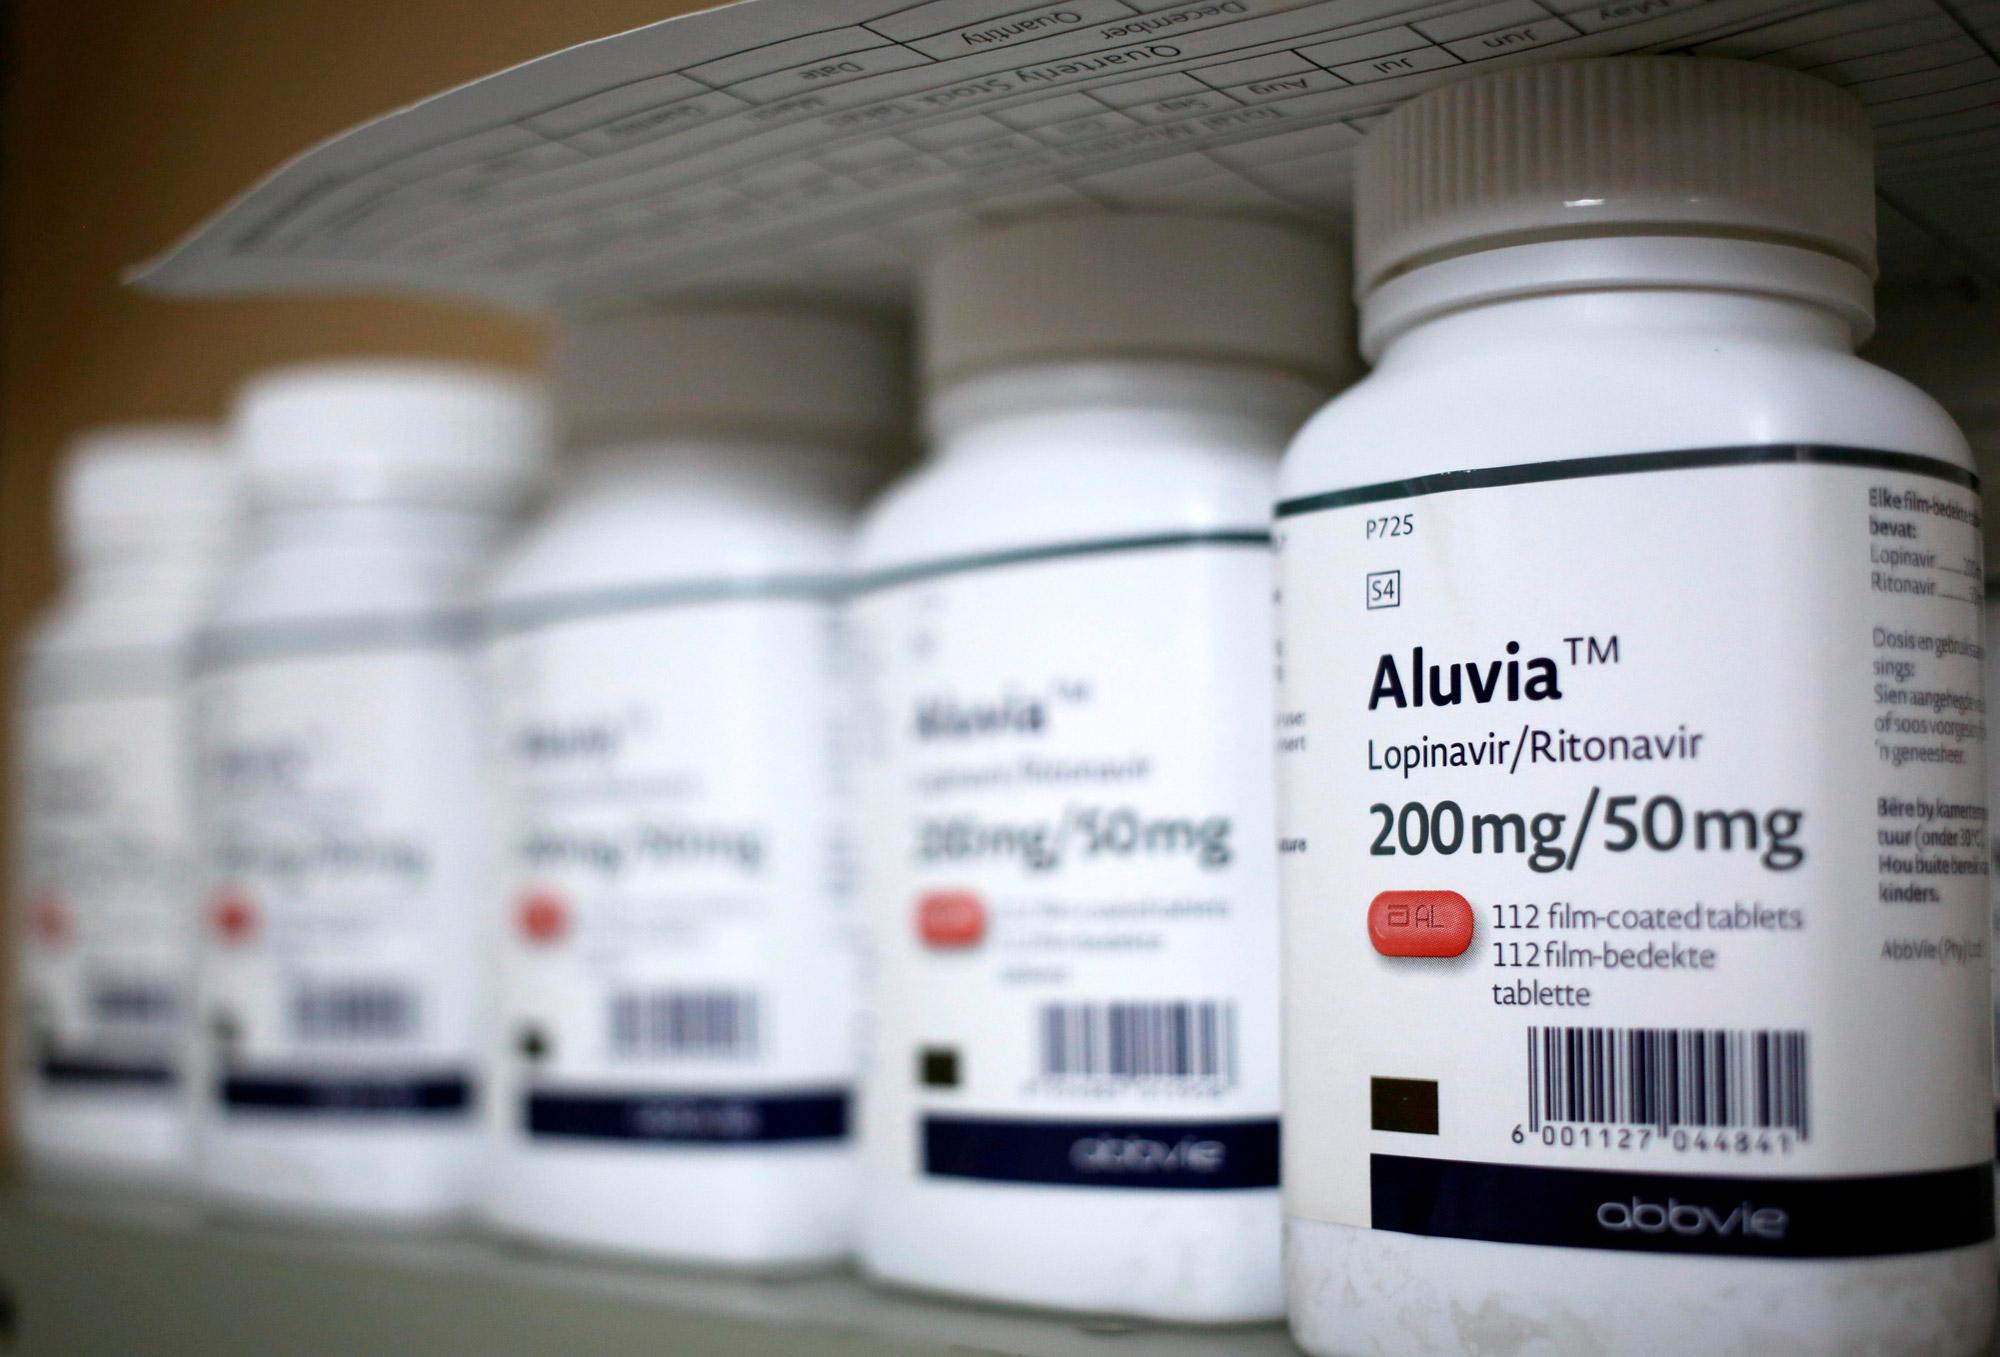 aluvia - Новый коронавирус SARS-CoV-2: все лекарства и вакцины против инфекции COVID-19. Самый полный и подробный обзор в мире